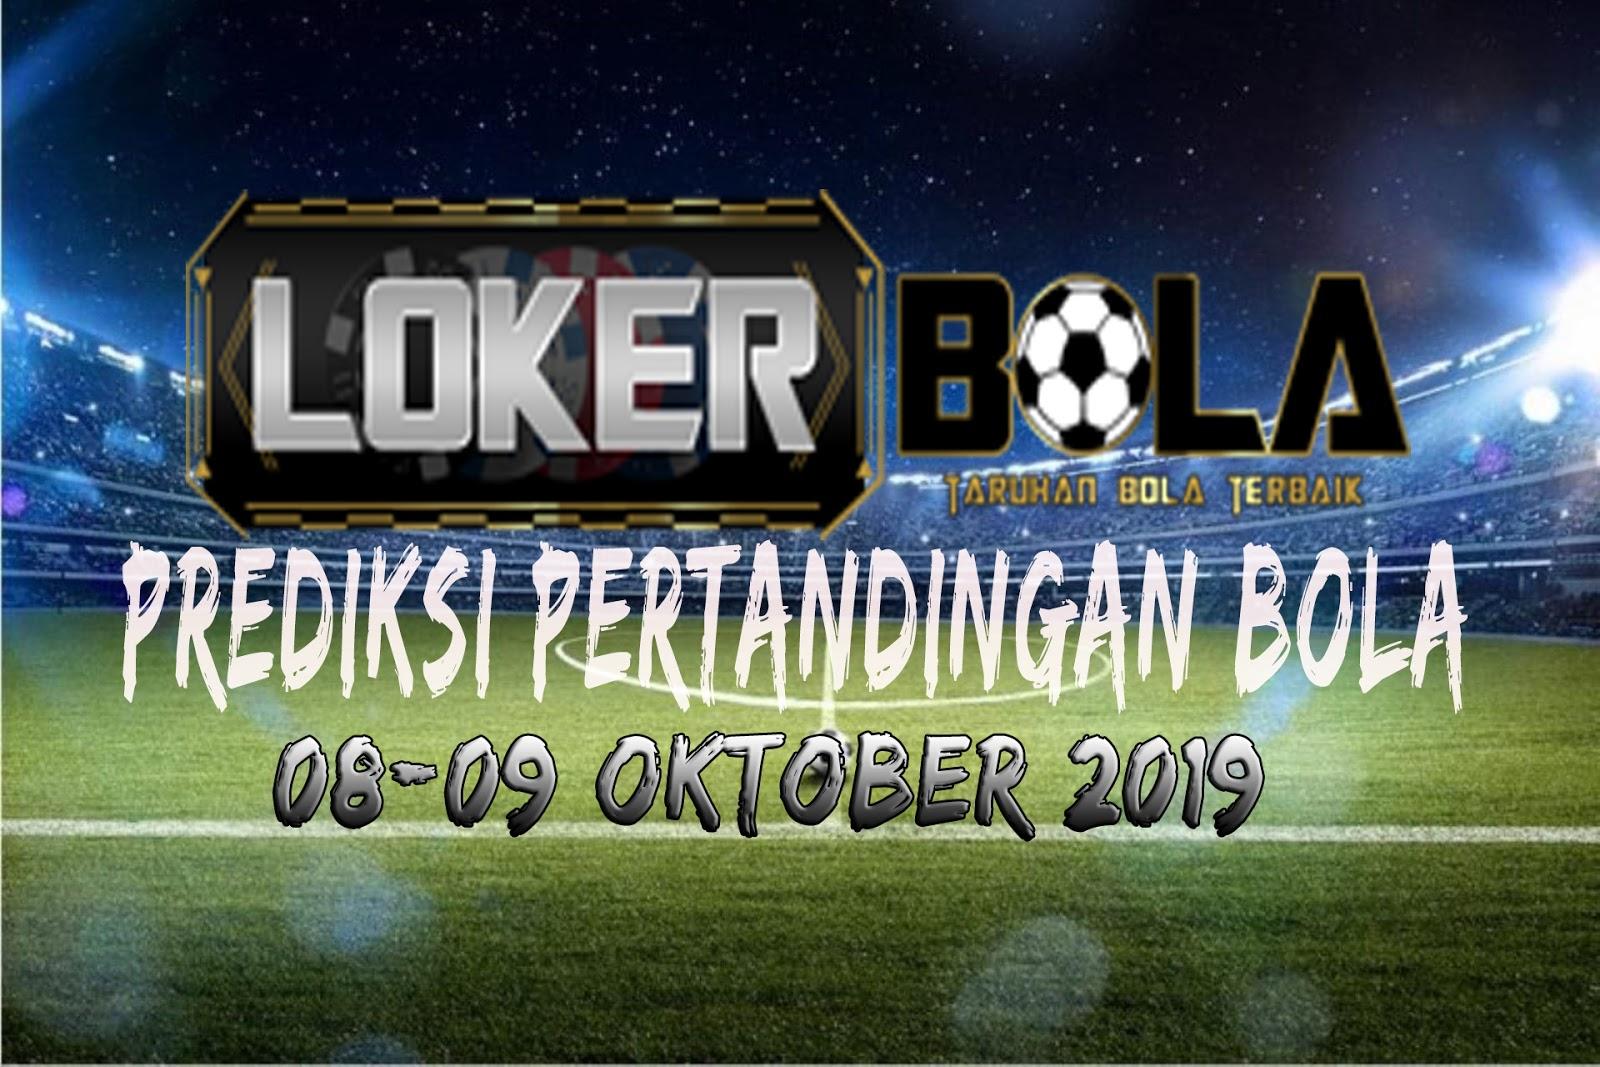 PREDIKSI PERTANDINGAN BOLA 08 – 09 OKTOBER 2019